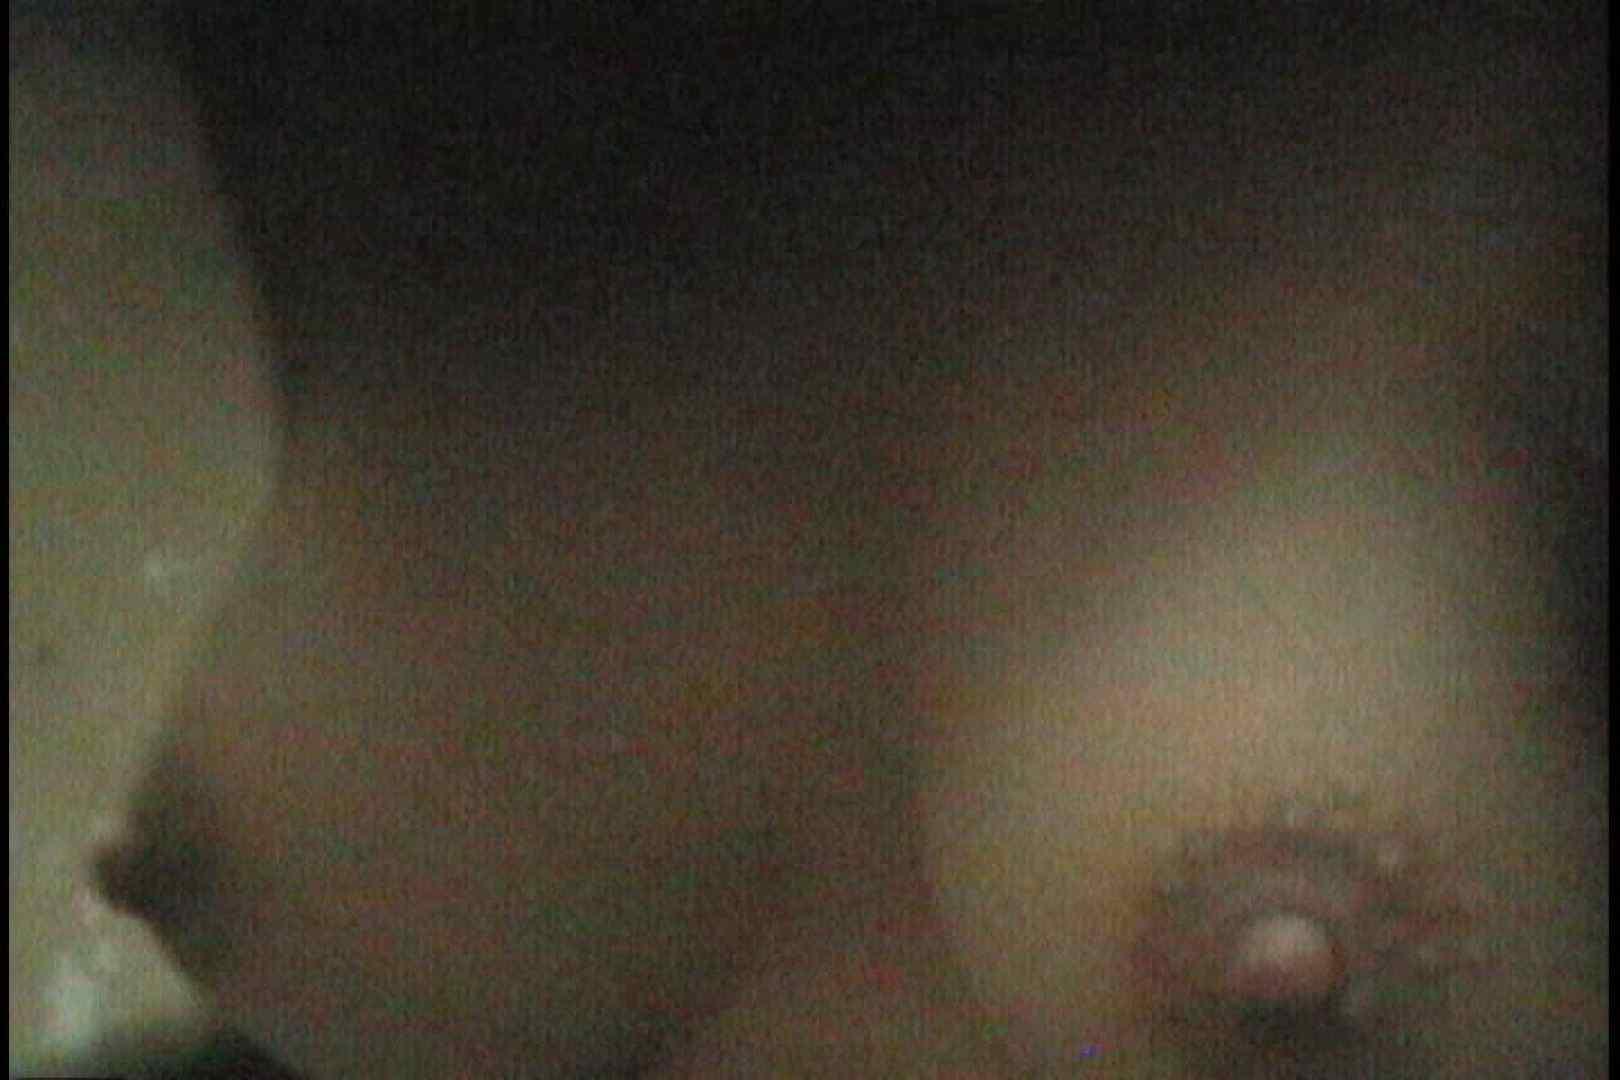 盗撮AV:No.35 色黒ギャルの乳首はちょっと大きめの黒!:怪盗ジョーカー